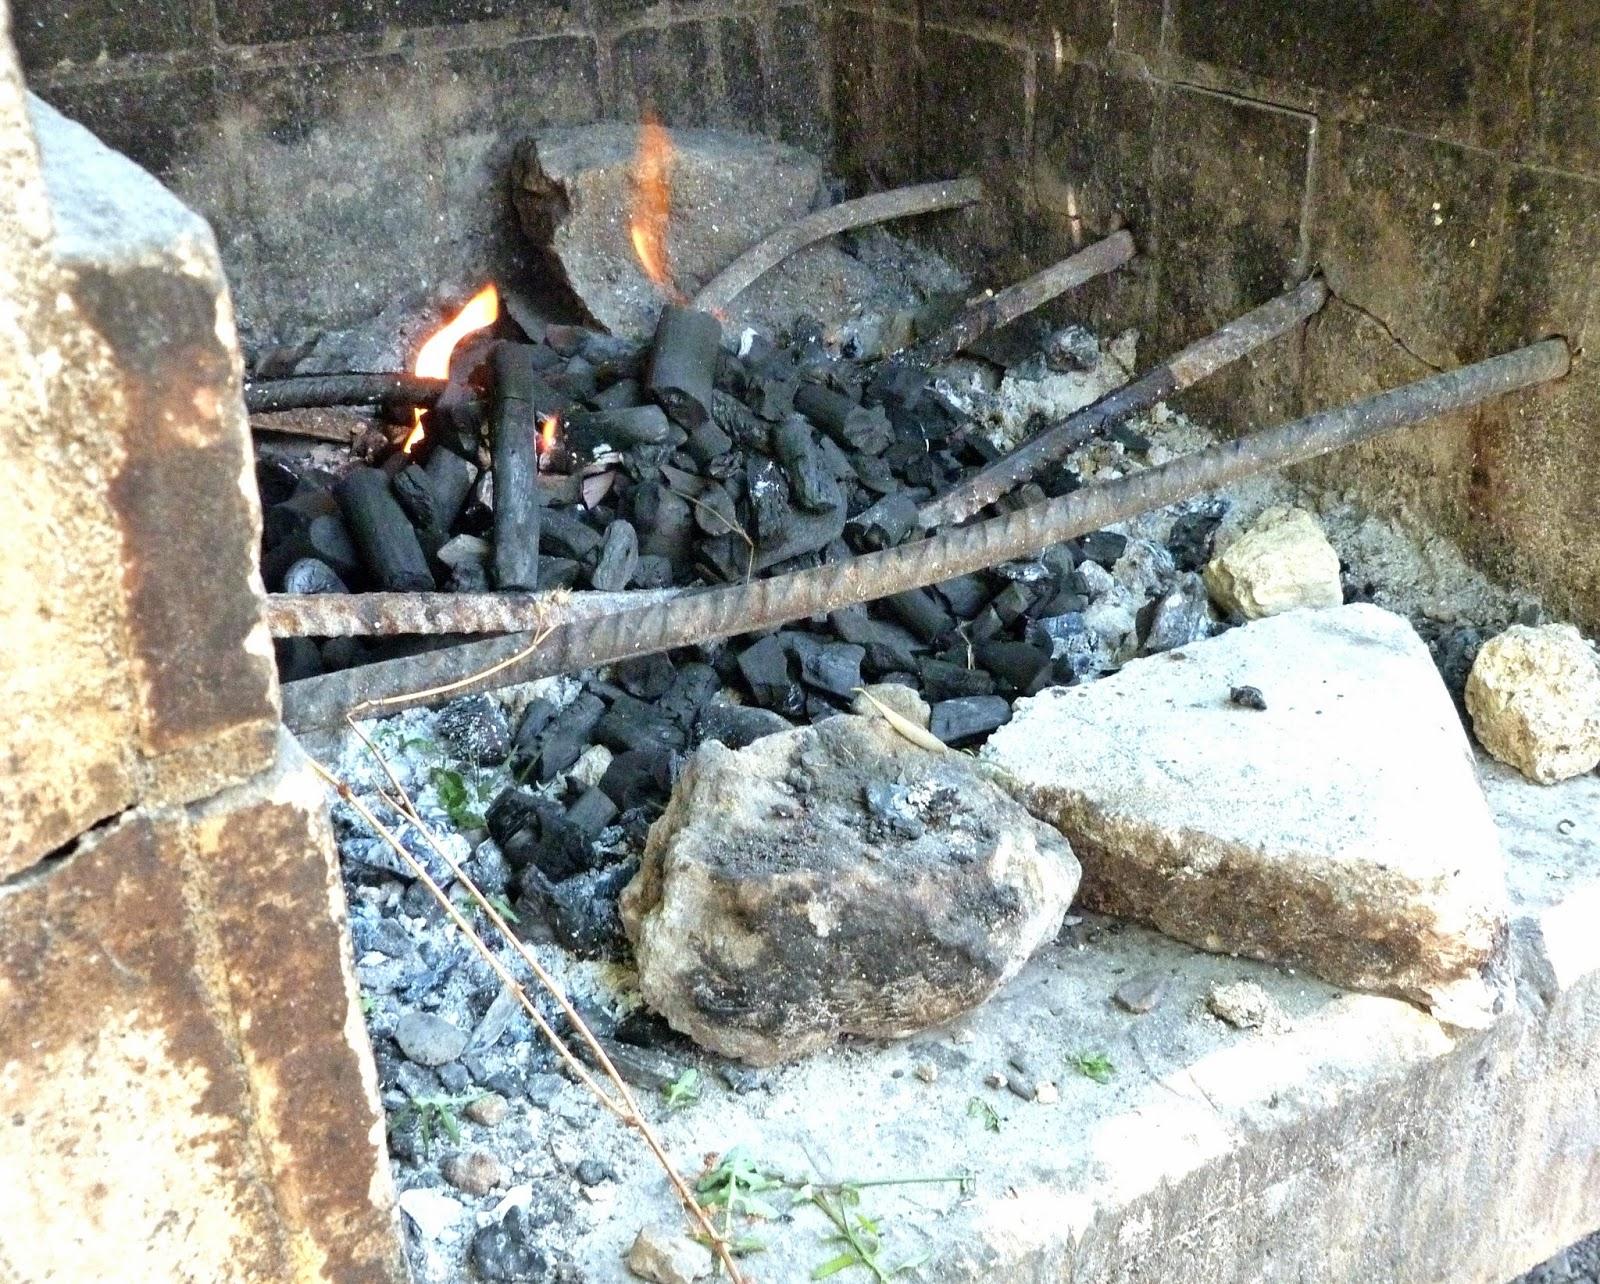 tarragonain-carbón-fuego